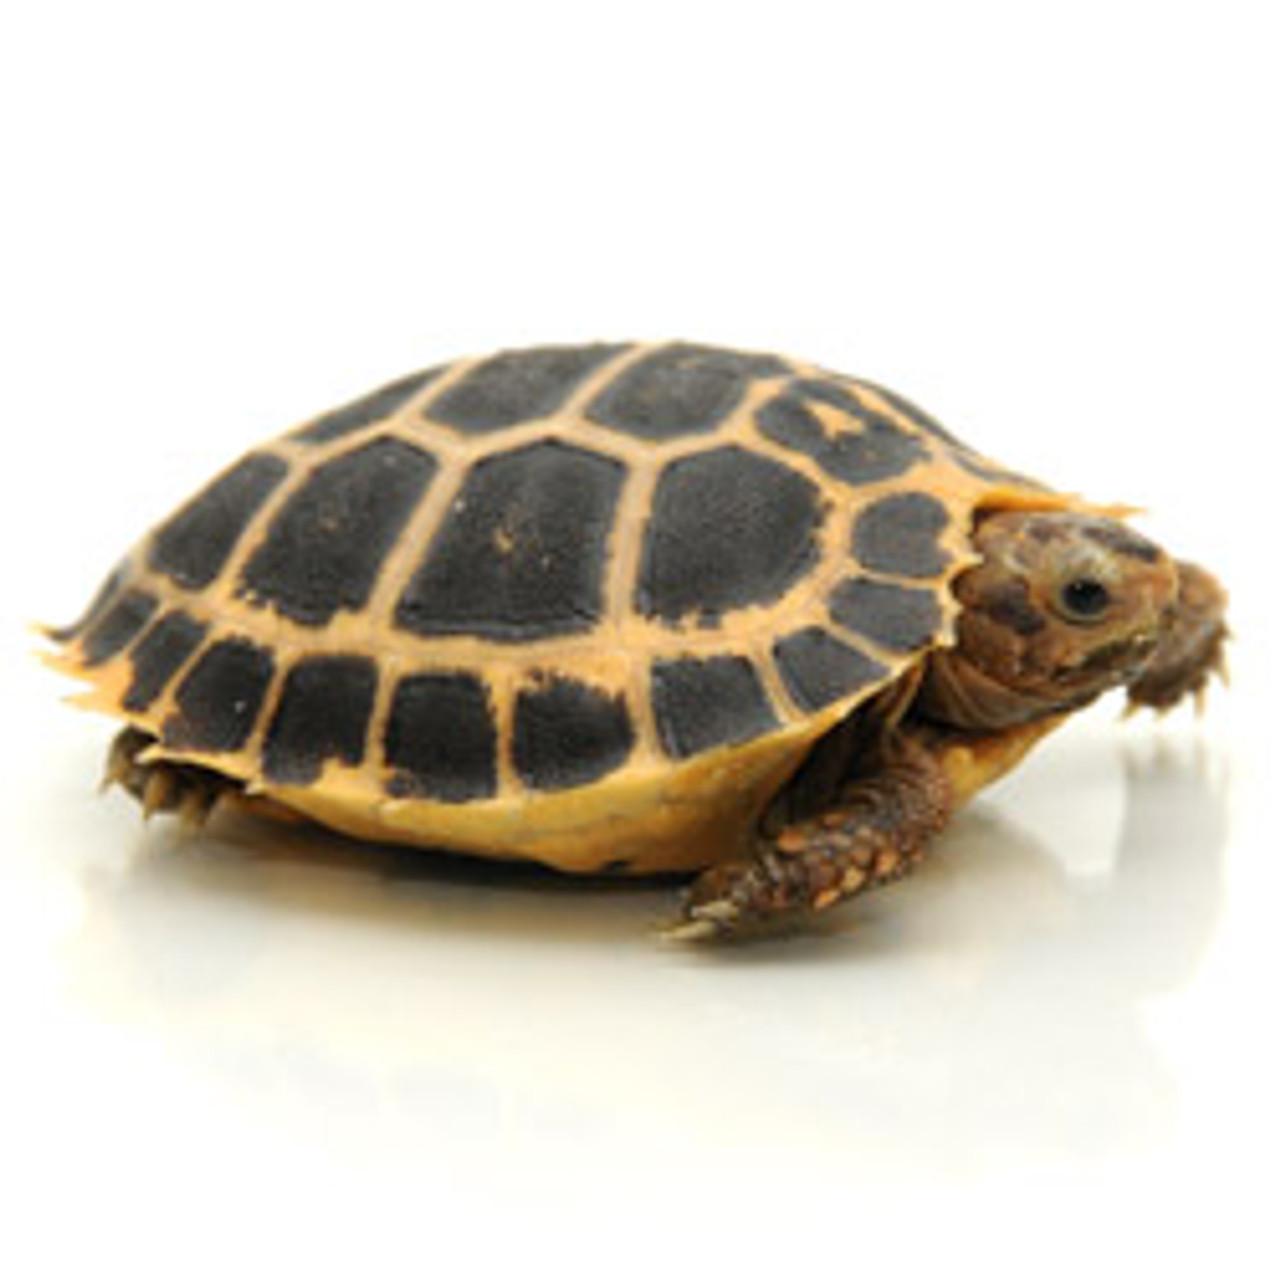 Forsten's Tortoise (Indotestudo forsteni)